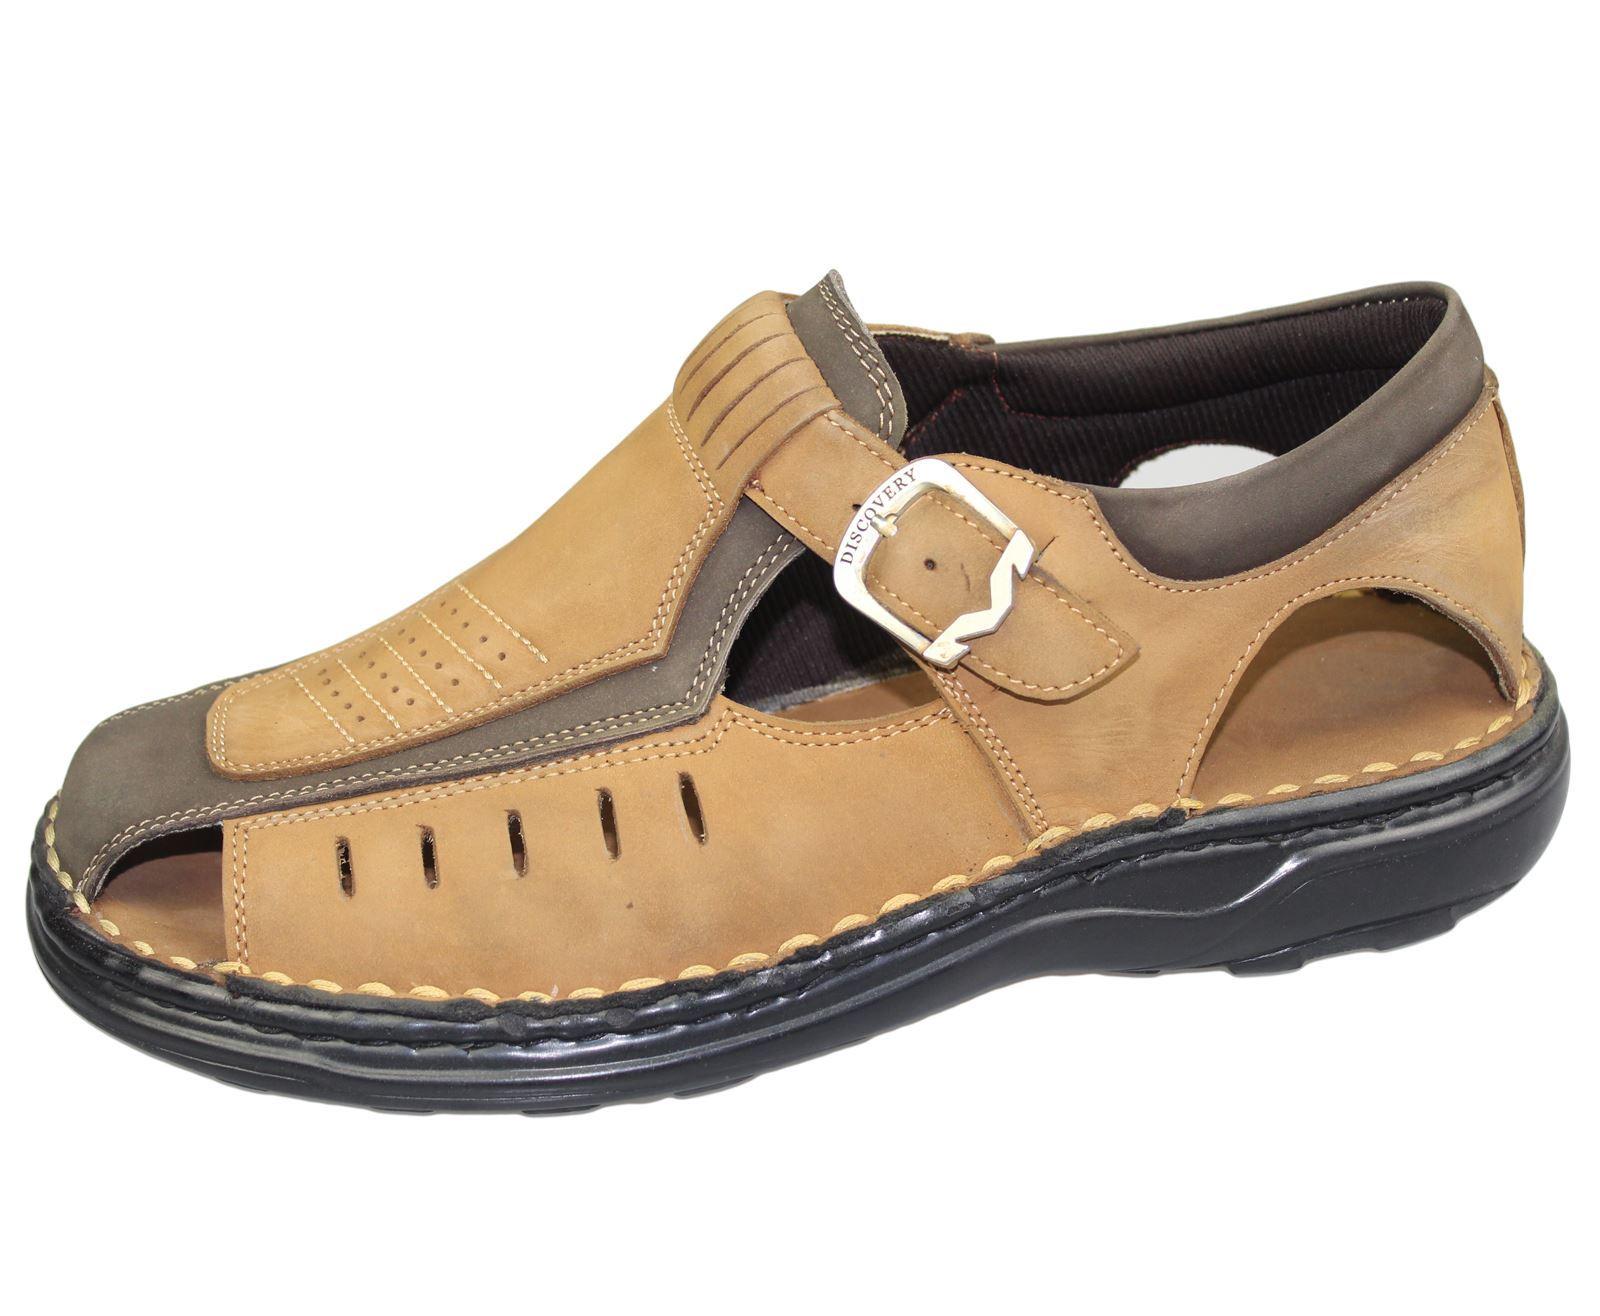 Mens Buckle Sandals Walking Fashion Casual Summer Beach